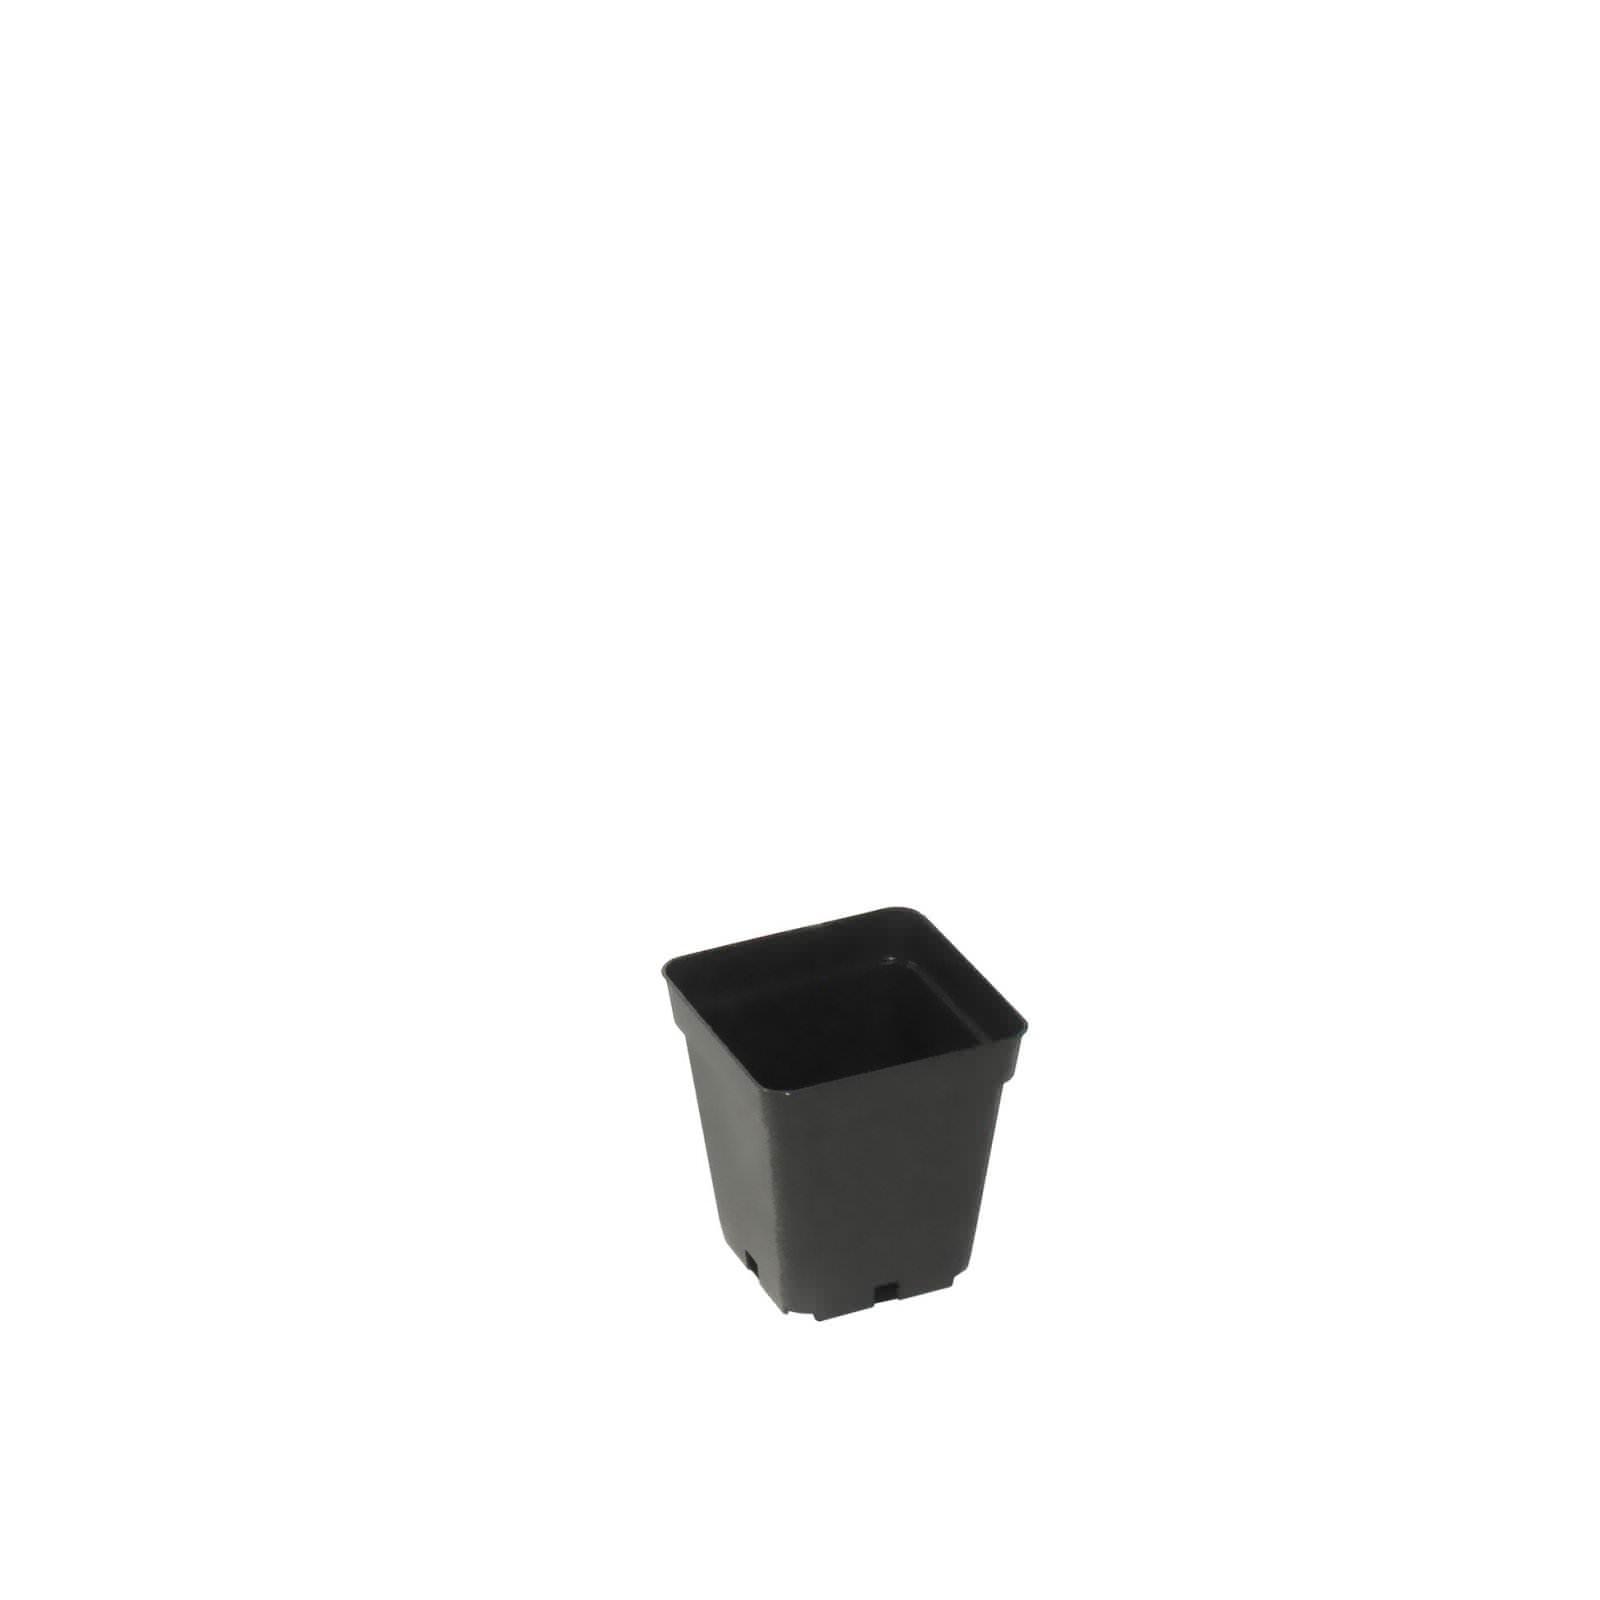 pot-10x10-1311351753